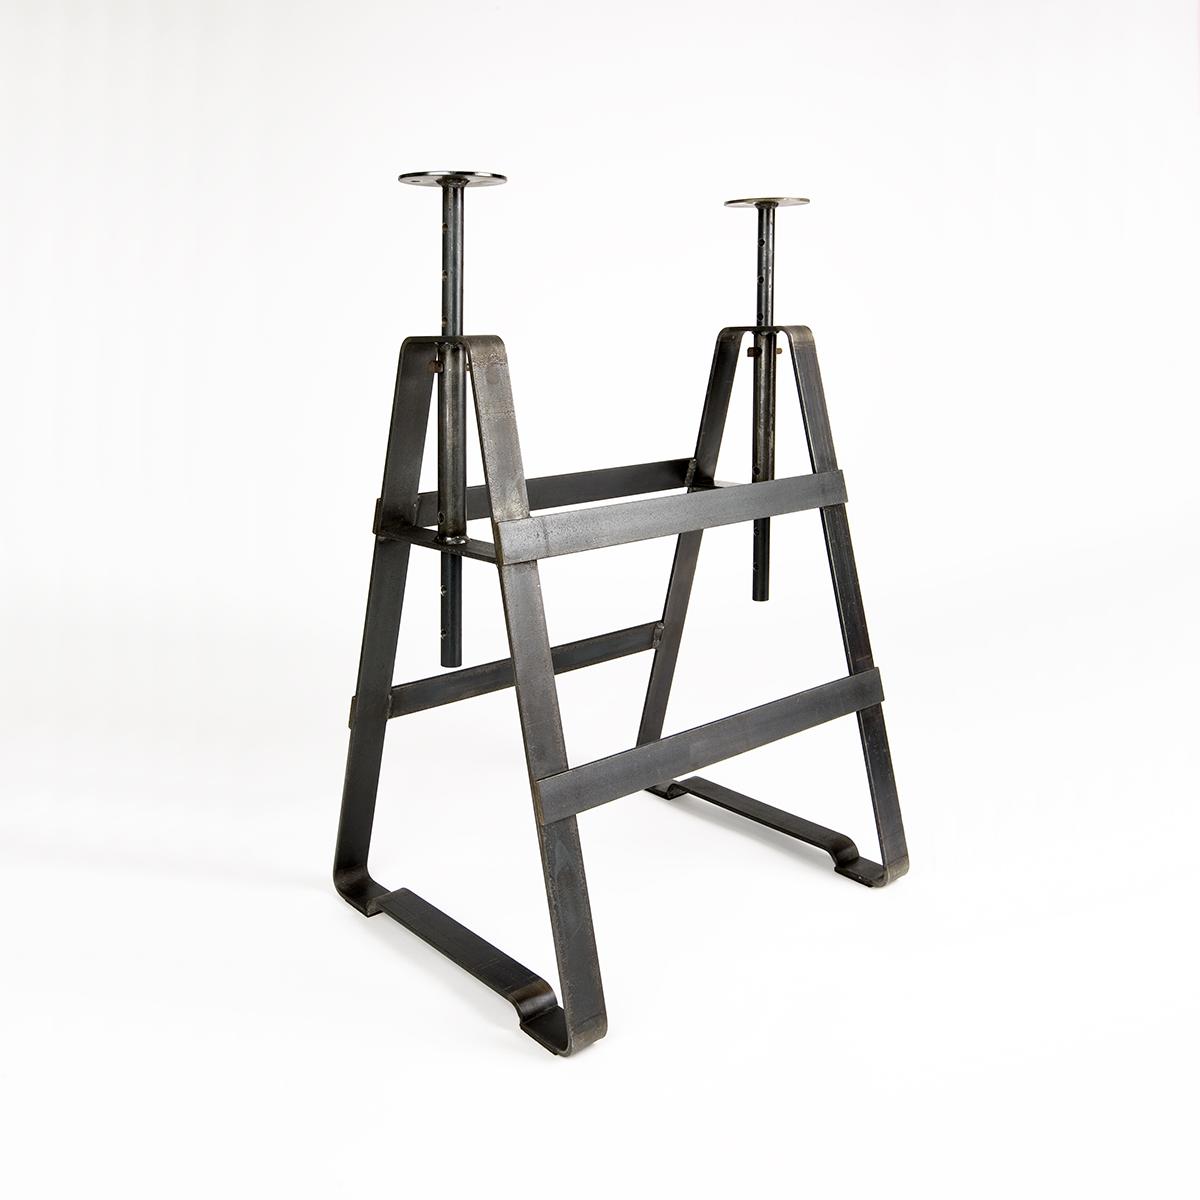 Affe ist ein höhenverstellbaren Tischbock aus Rohstahl geölt, von Thesenfitz& Wedekind für Atelier Haussmann